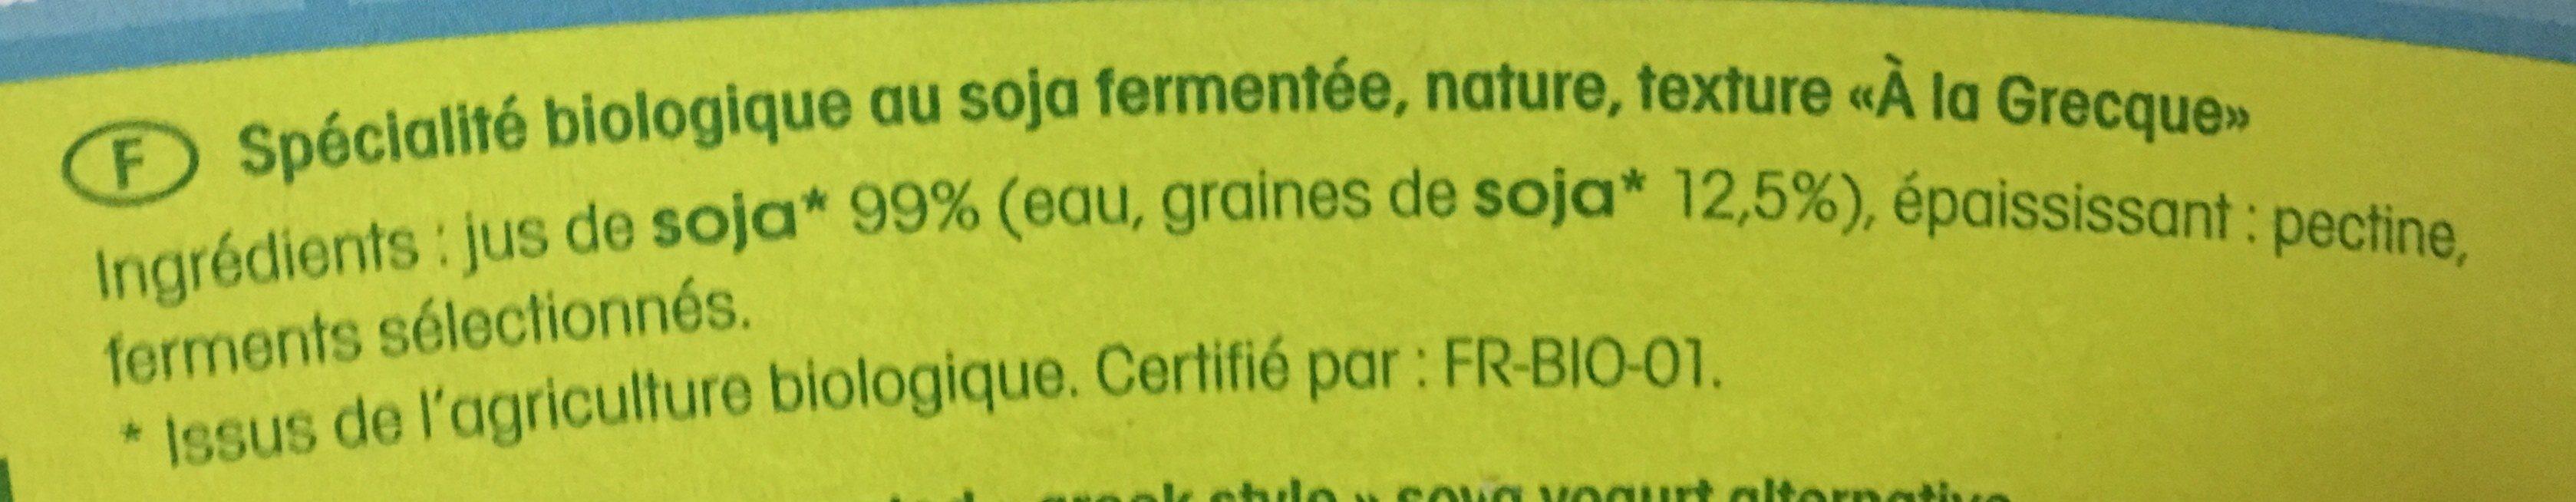 So SOJA à la grecque - Ingredients - fr